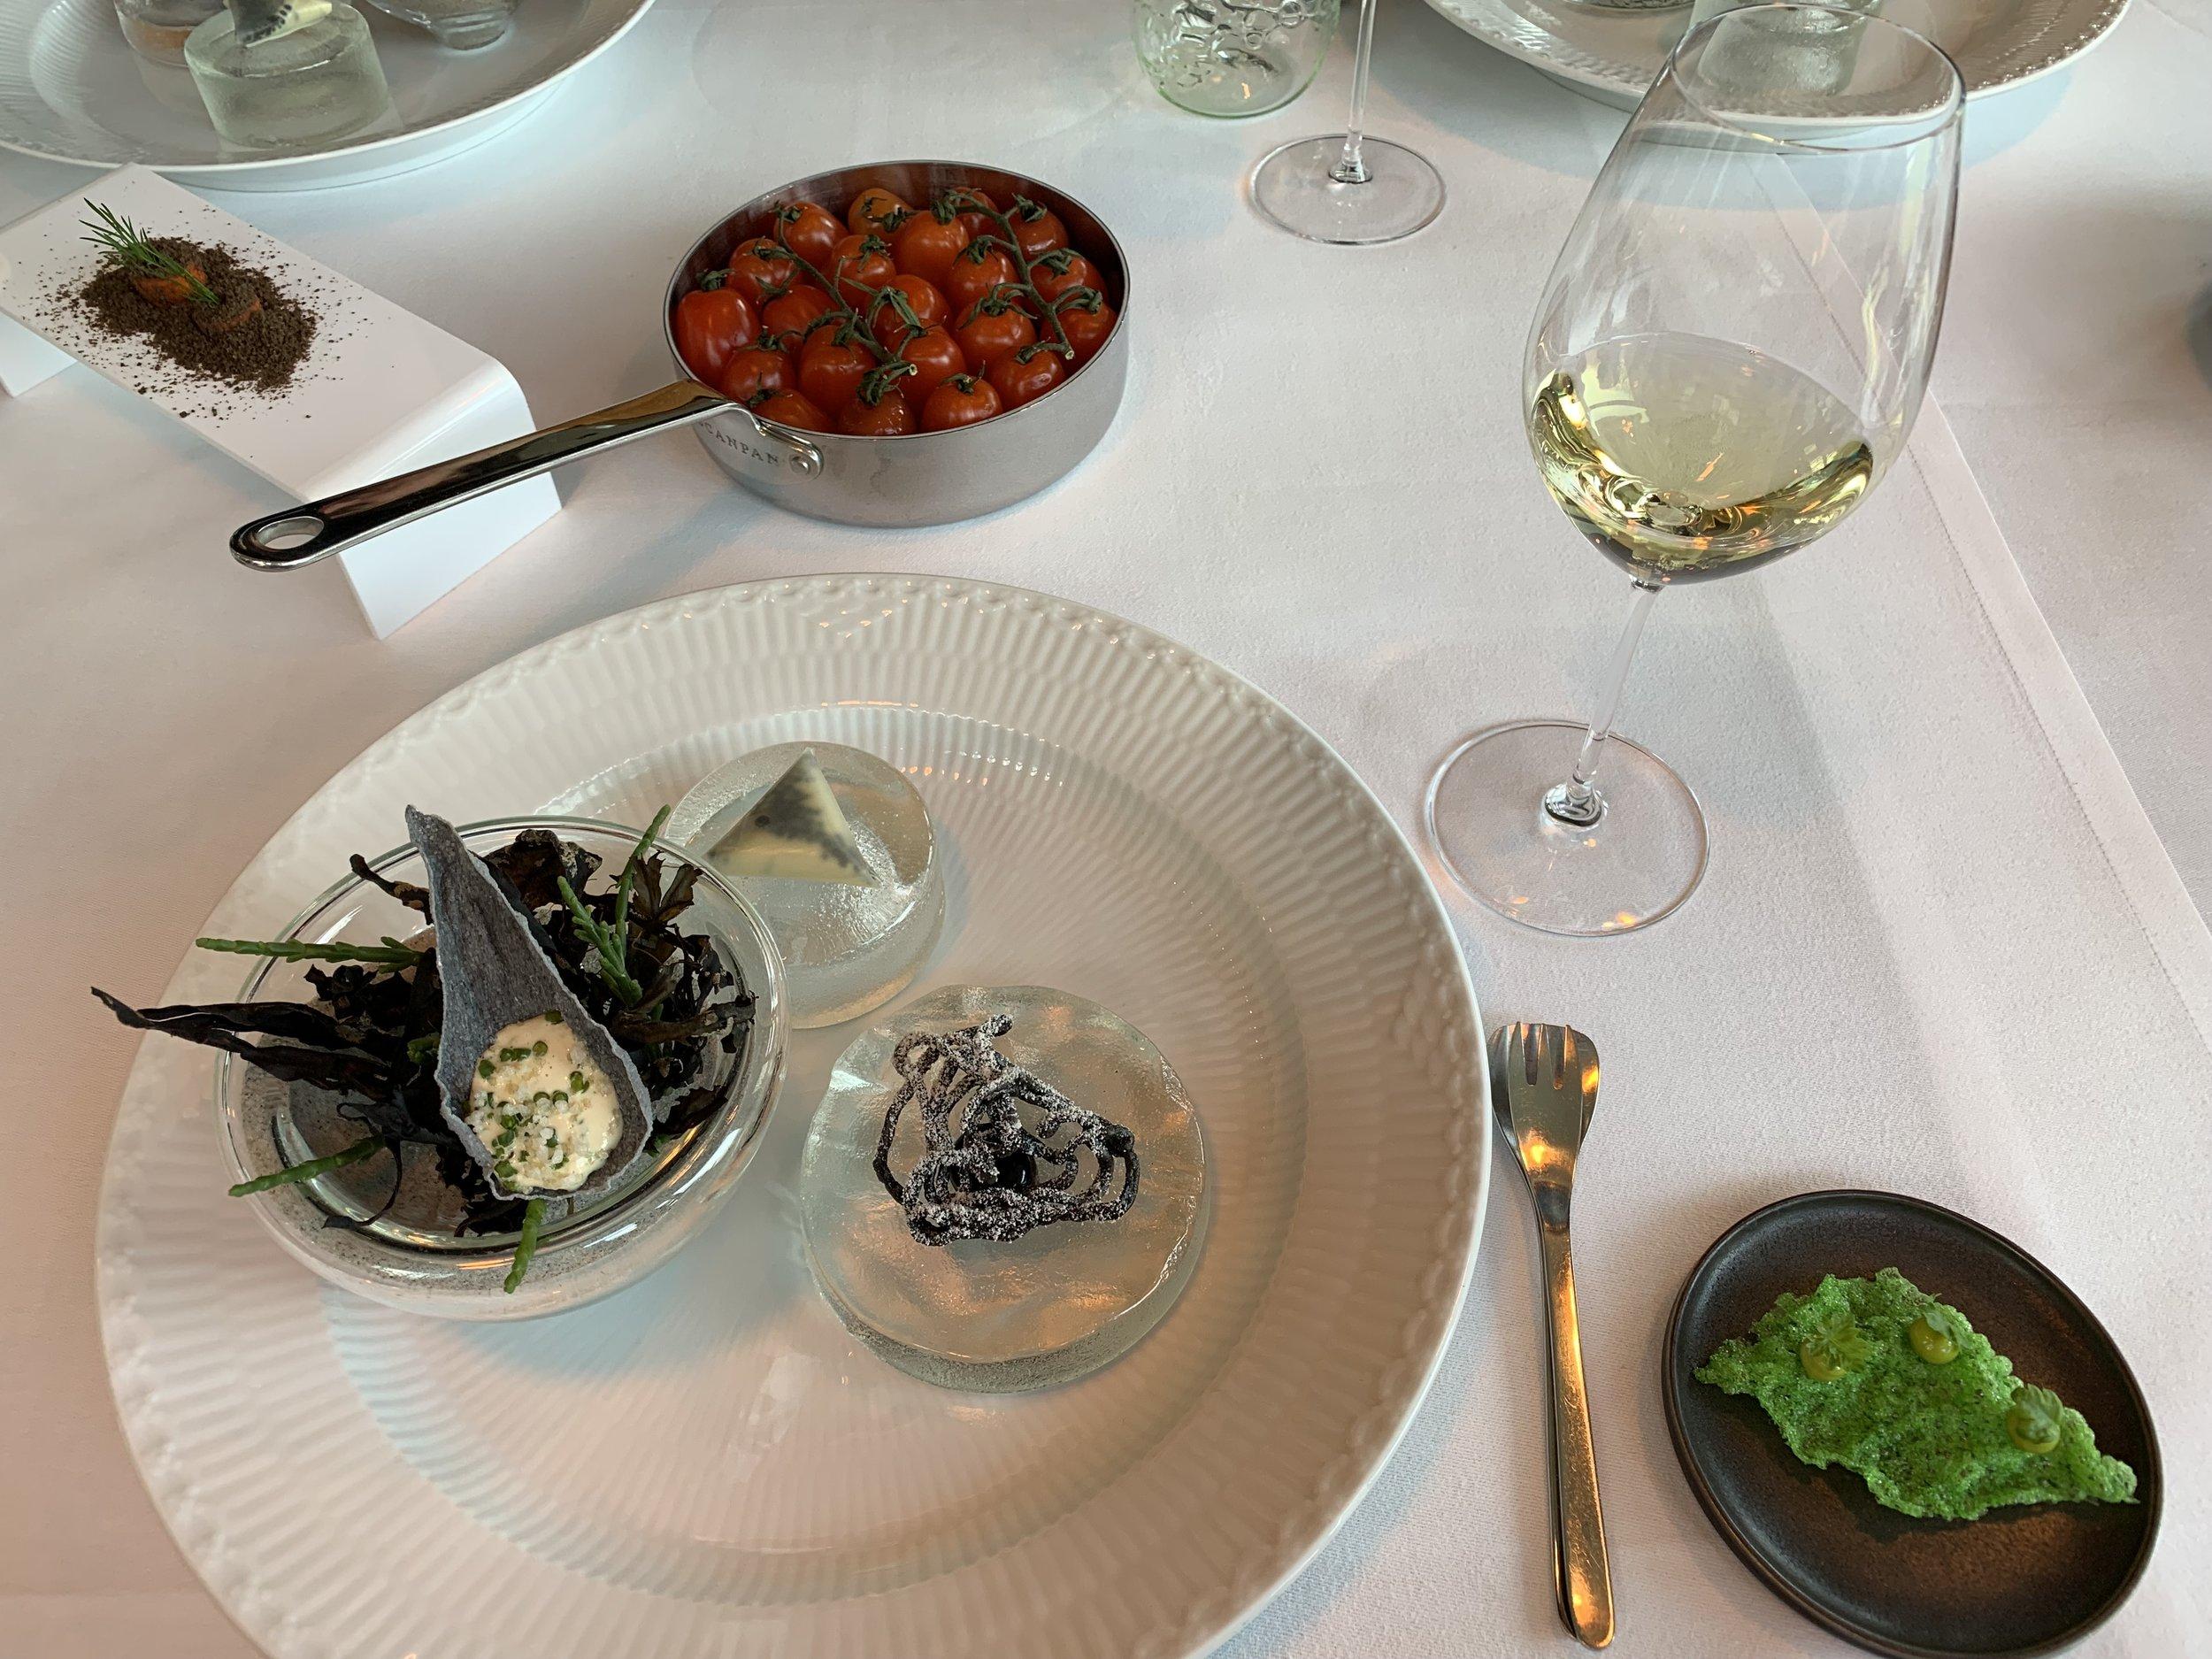 Denne maten får du servert på Michelinrestauranten Frederikshøj i Aarhus. Nivået blir neppe like høyt hos 1:1. Foto: Odd Roar Lange